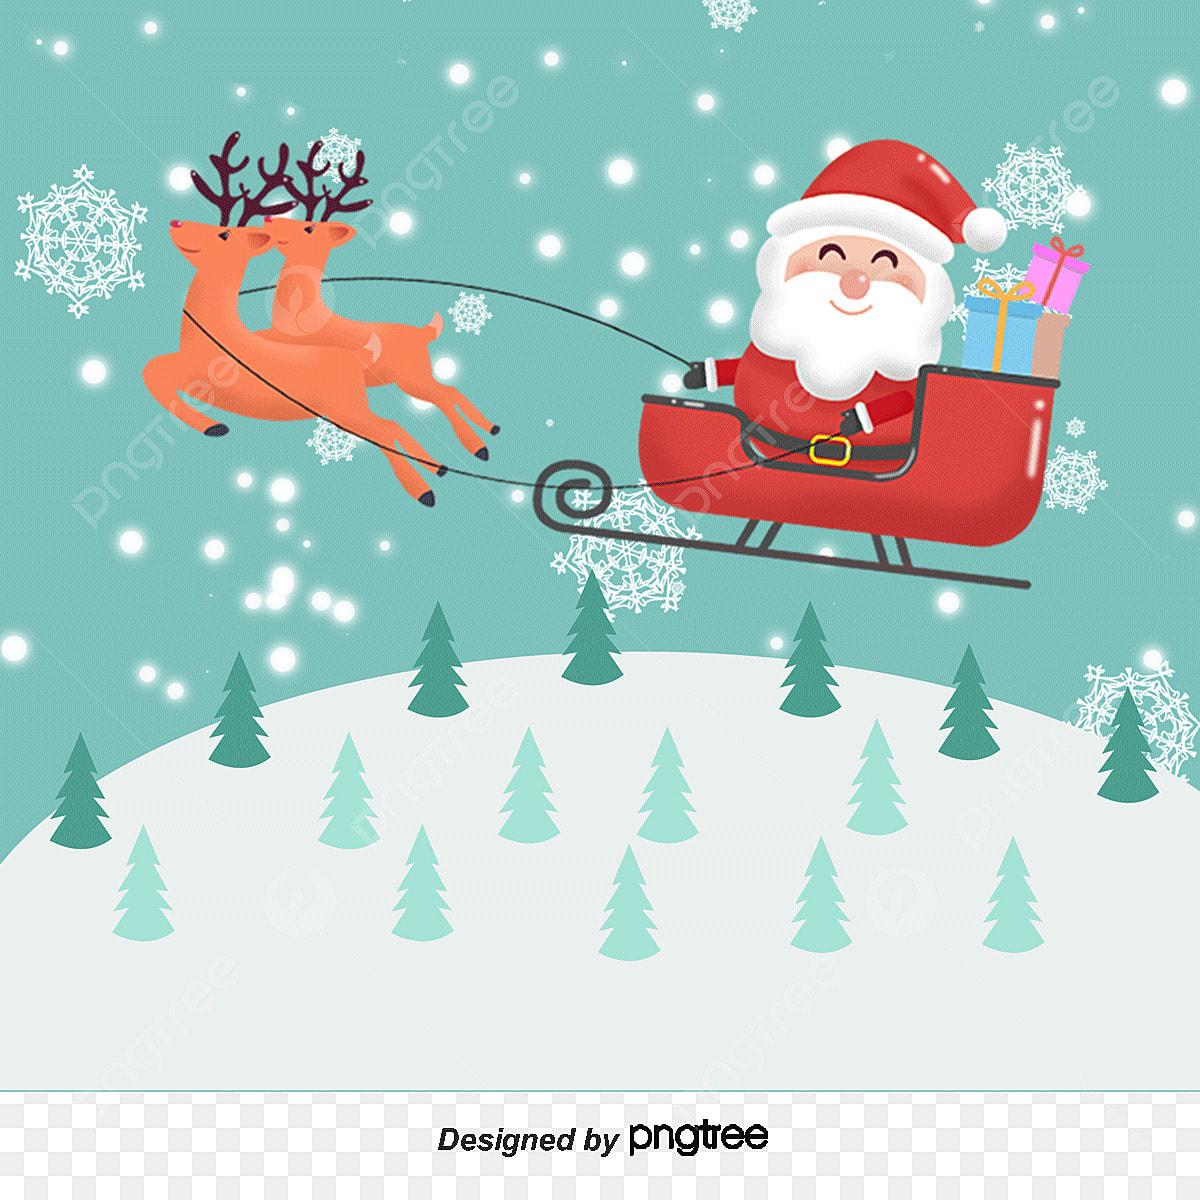 Frohe Weihnachten Download.Frohe Weihnachten Schlitten Weihnachten Weihnachten Weihnachten Png